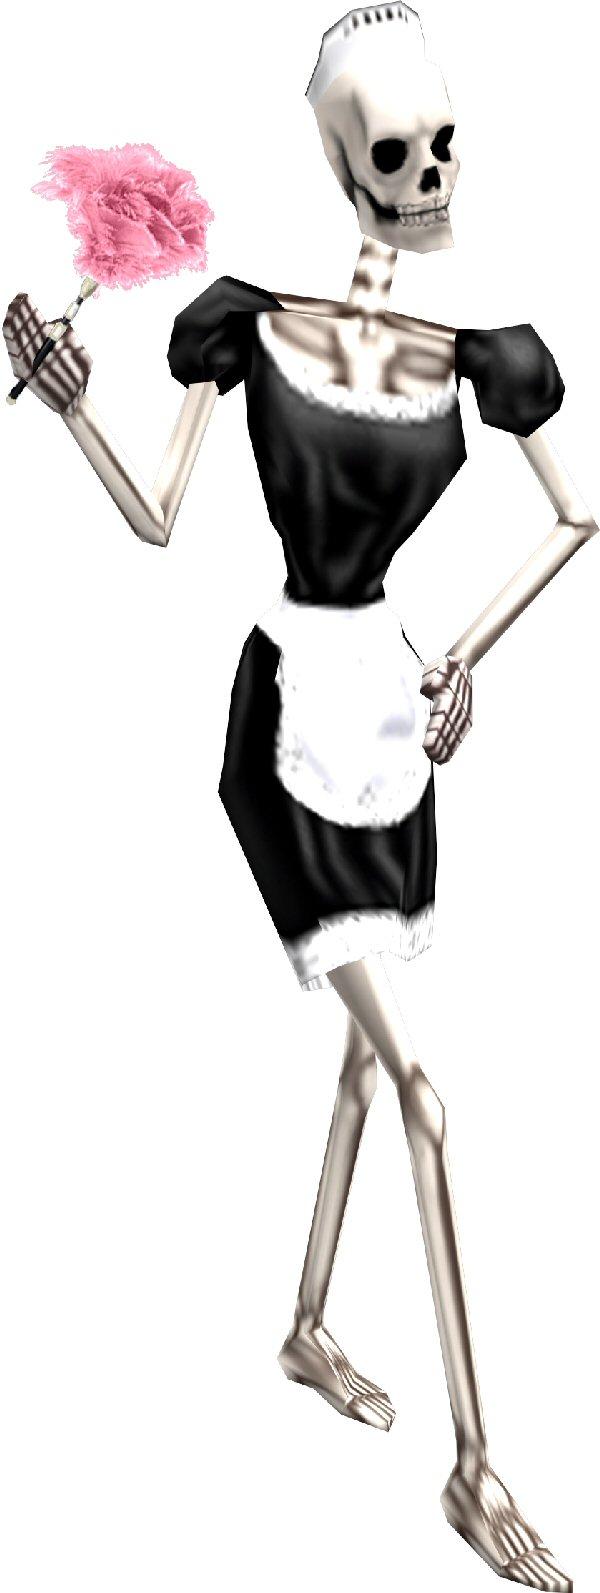 Skeleton maid